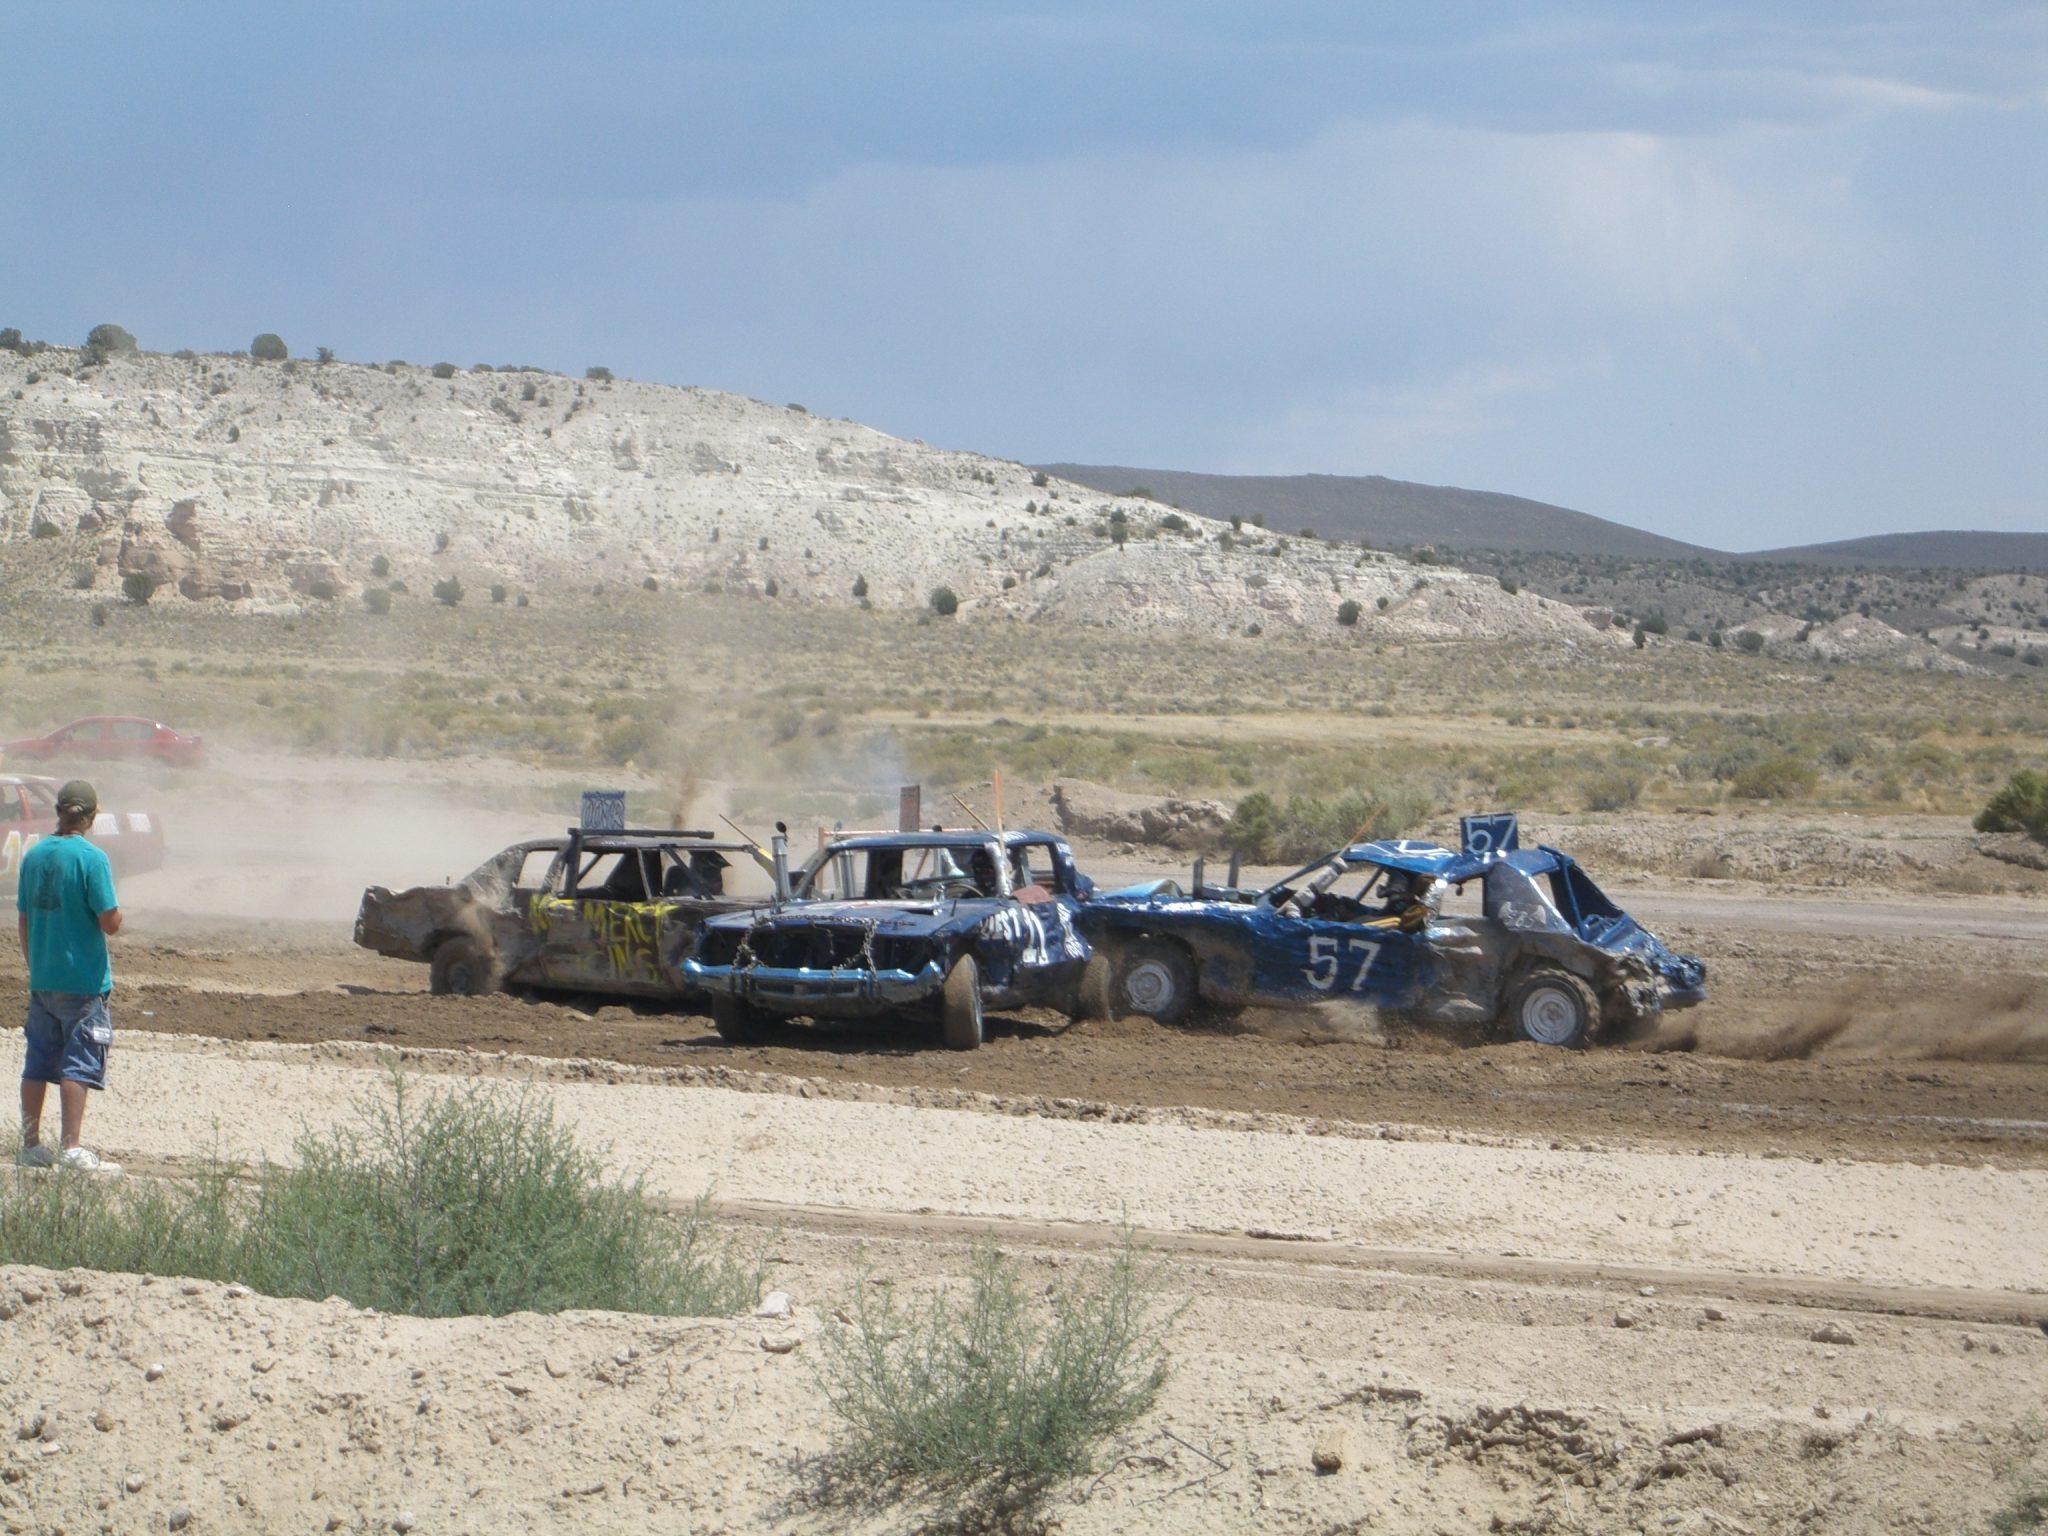 Demolition Days returns to Panaca fairgrounds